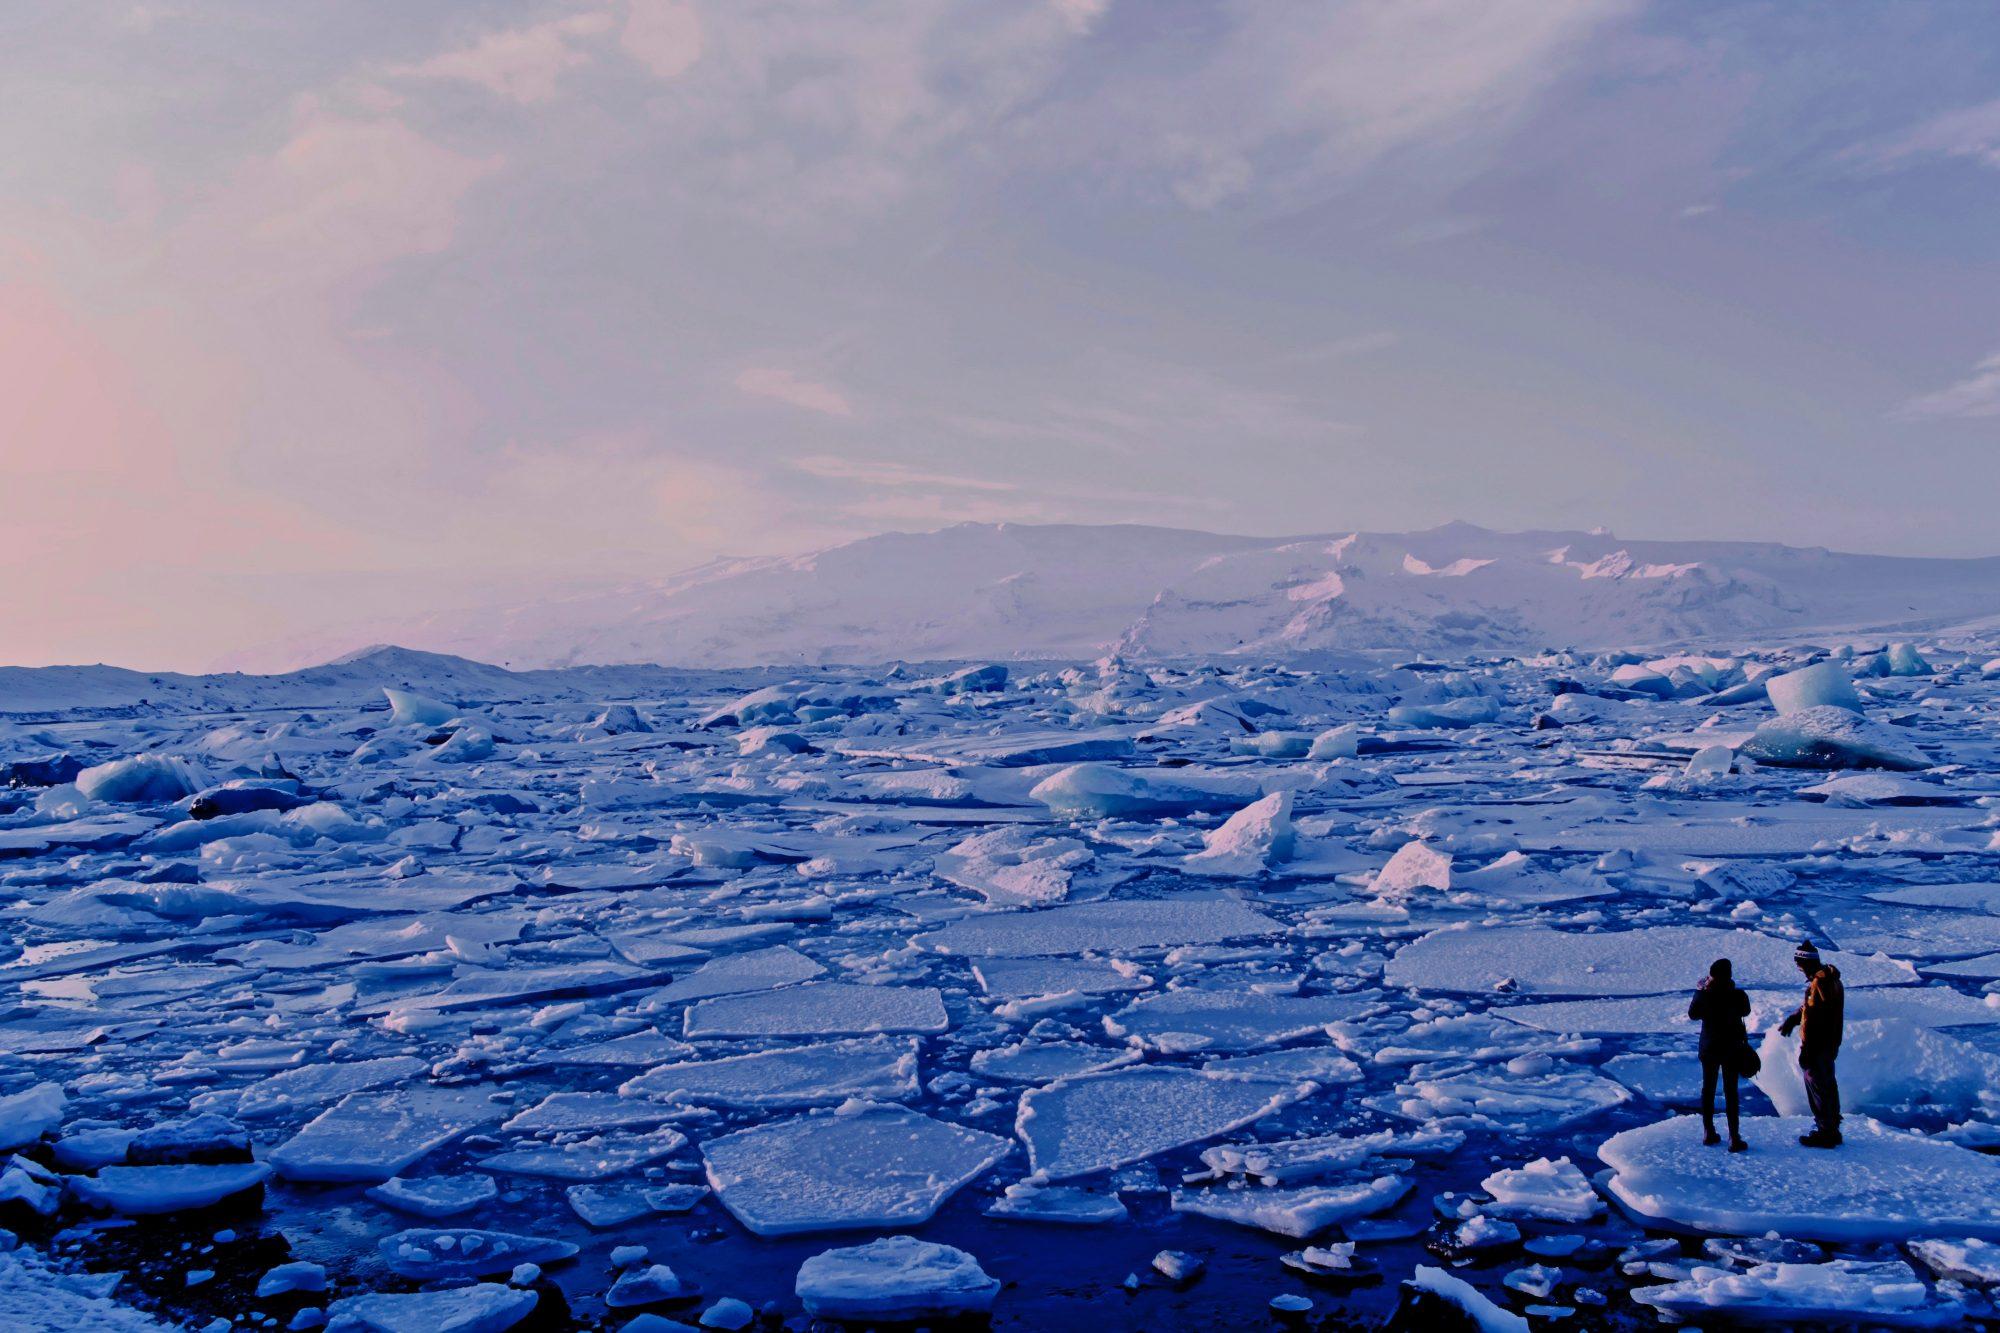 L'appel de chercheurs pour endiguer le changement climatique